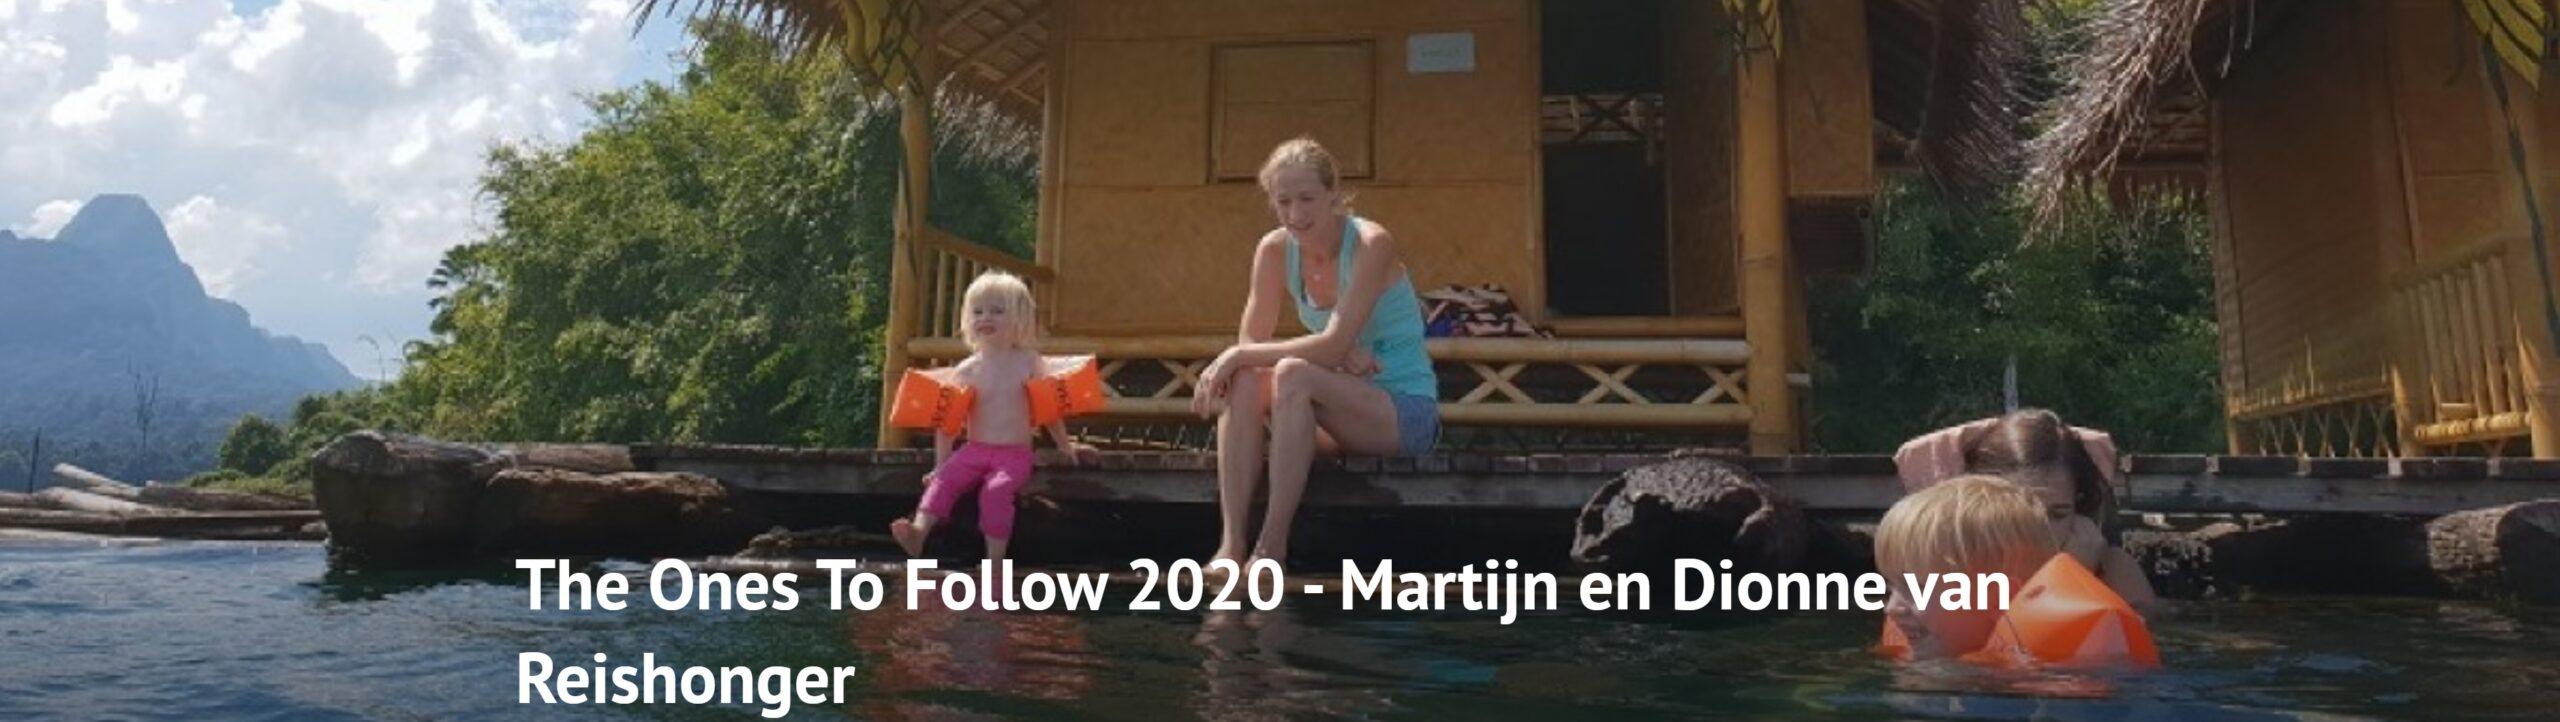 The Ones To Follow over de beste reisblogs van Nederland in 2020